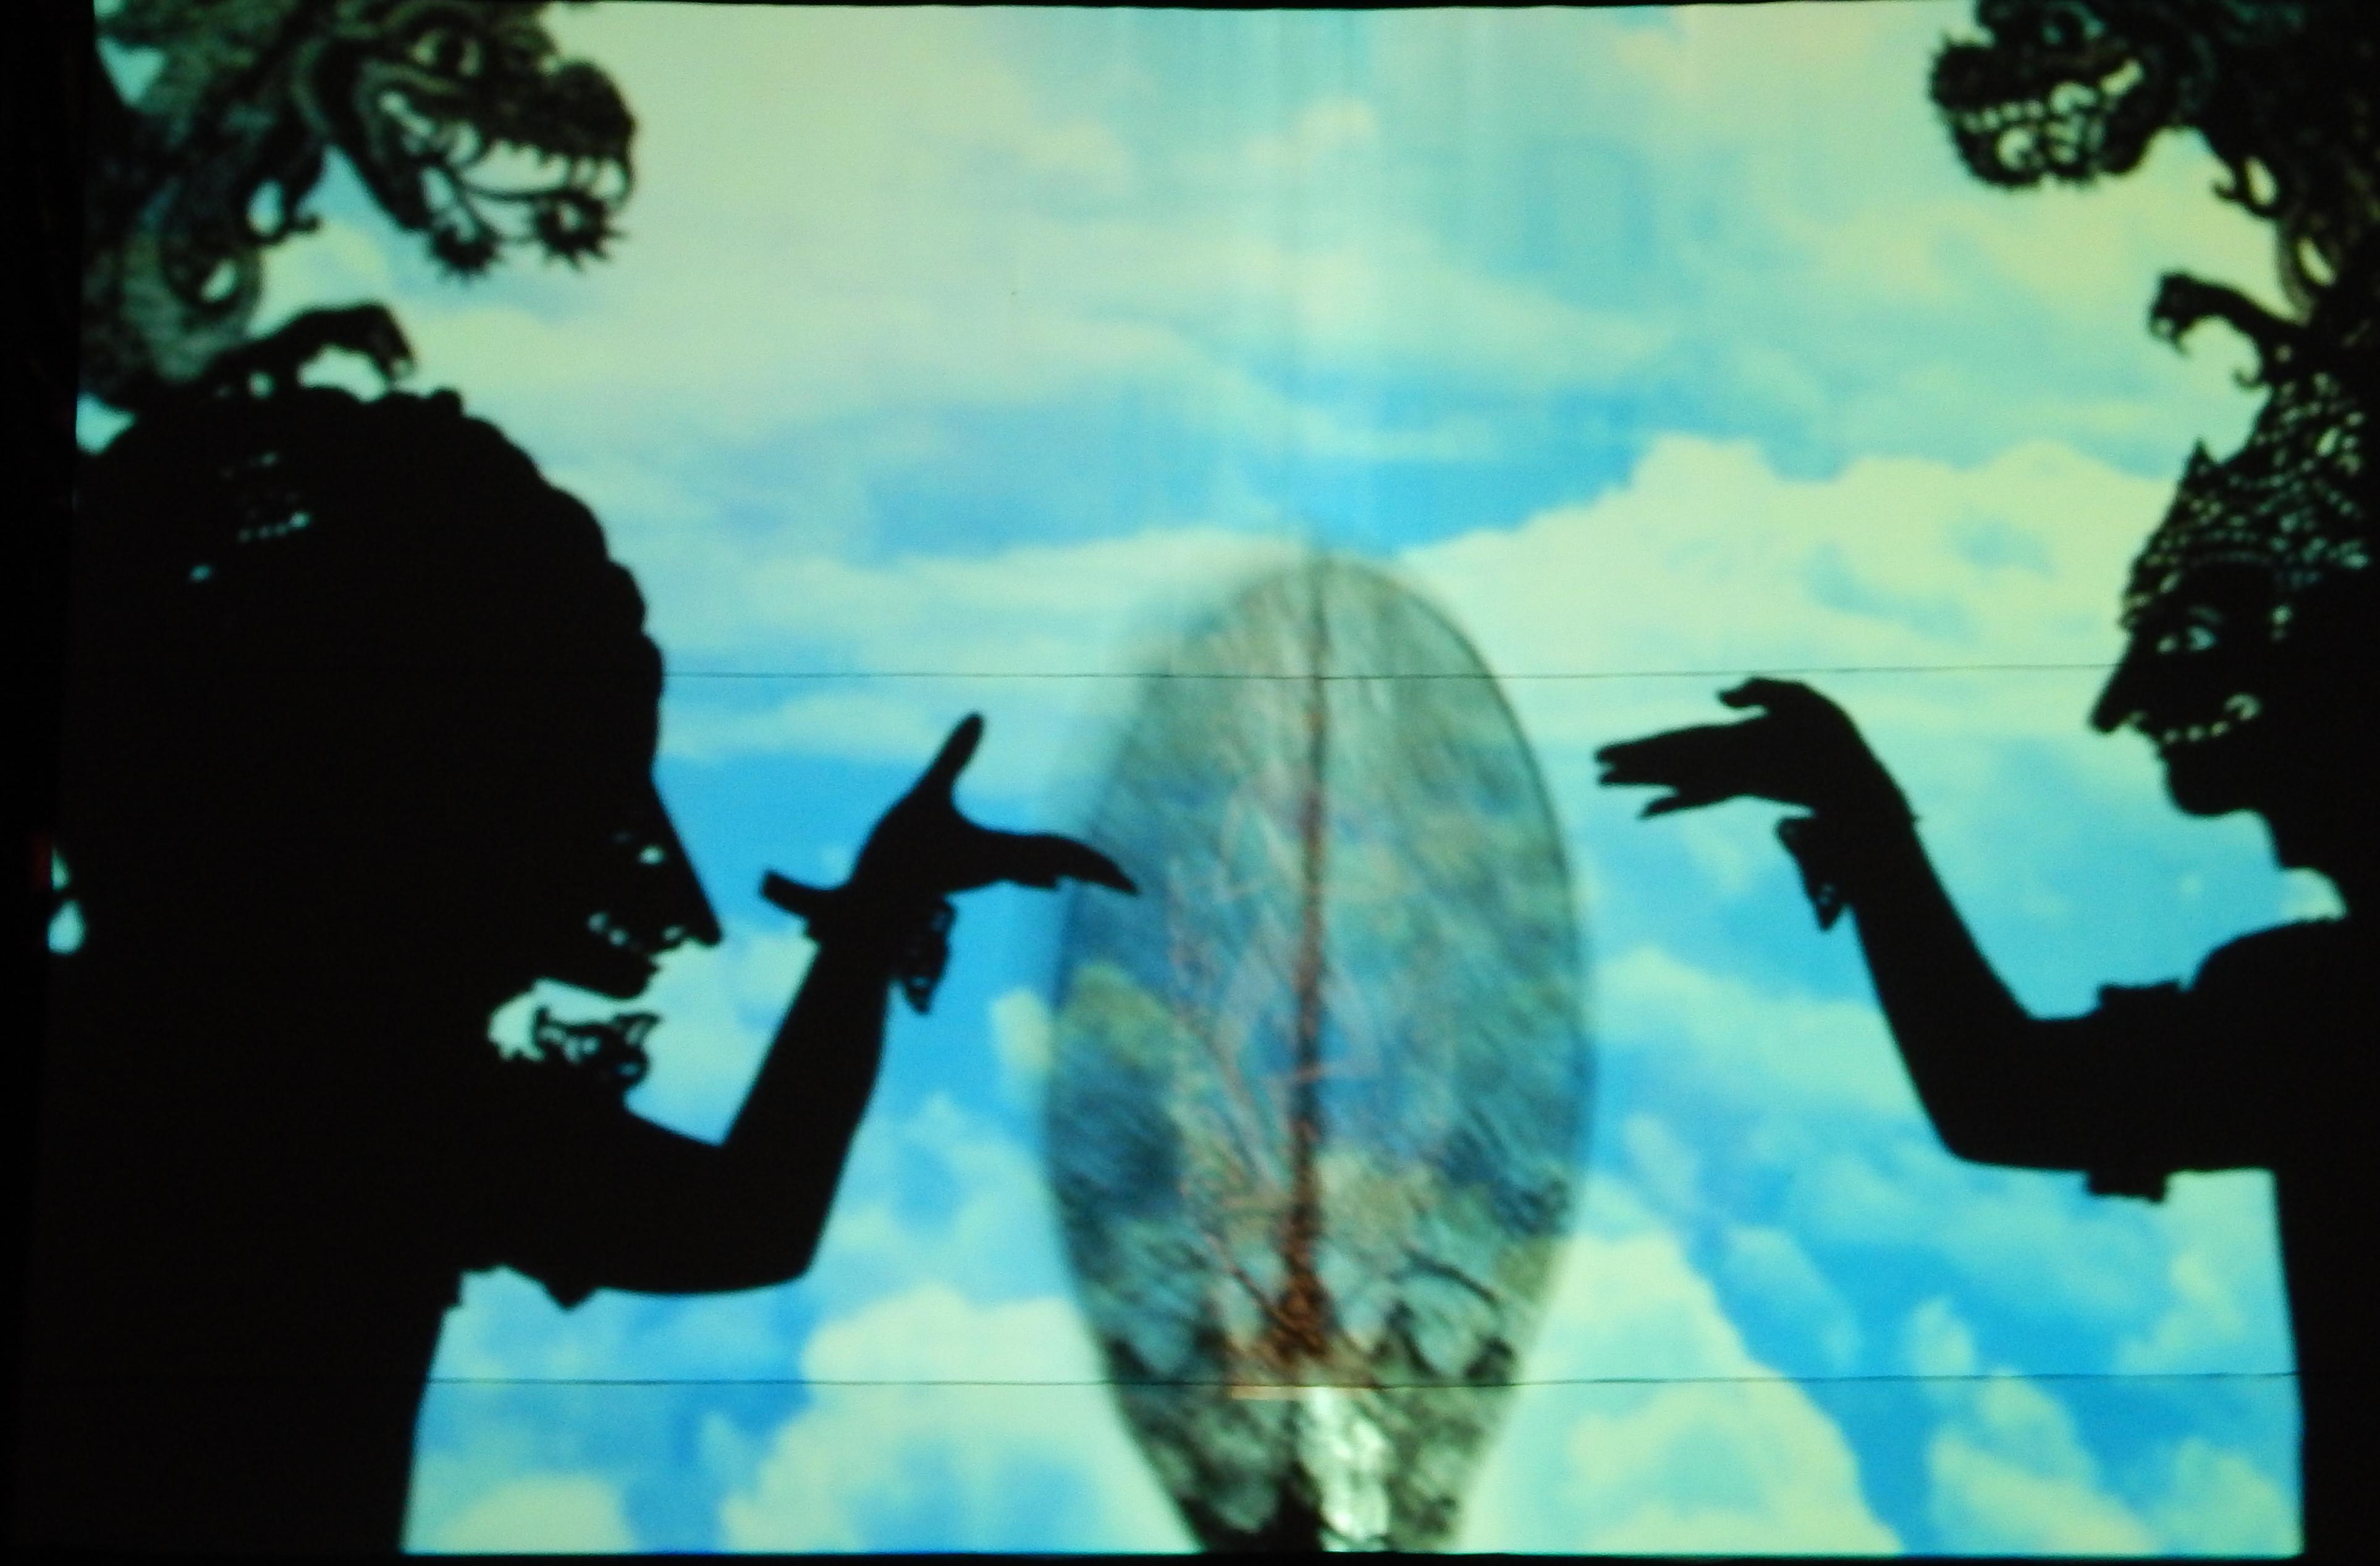 Une spectacle de wayang listrik par I Made Made Sidia et sa compagnie (vers 2014, Bali, Indonésie). Wayang listrik, un genre de théâtre moderne balinais basé sur le théâtre d'ombres traditionnel (wayang <em>kulit</em>) avec danse et musique qui l'accompagnent, tous transférés sur un grand écran. Les marionnettes en cuir traditionnelles, les masques, les ombres-acteurs, les danseurs, les projections et la musique de gamelan.